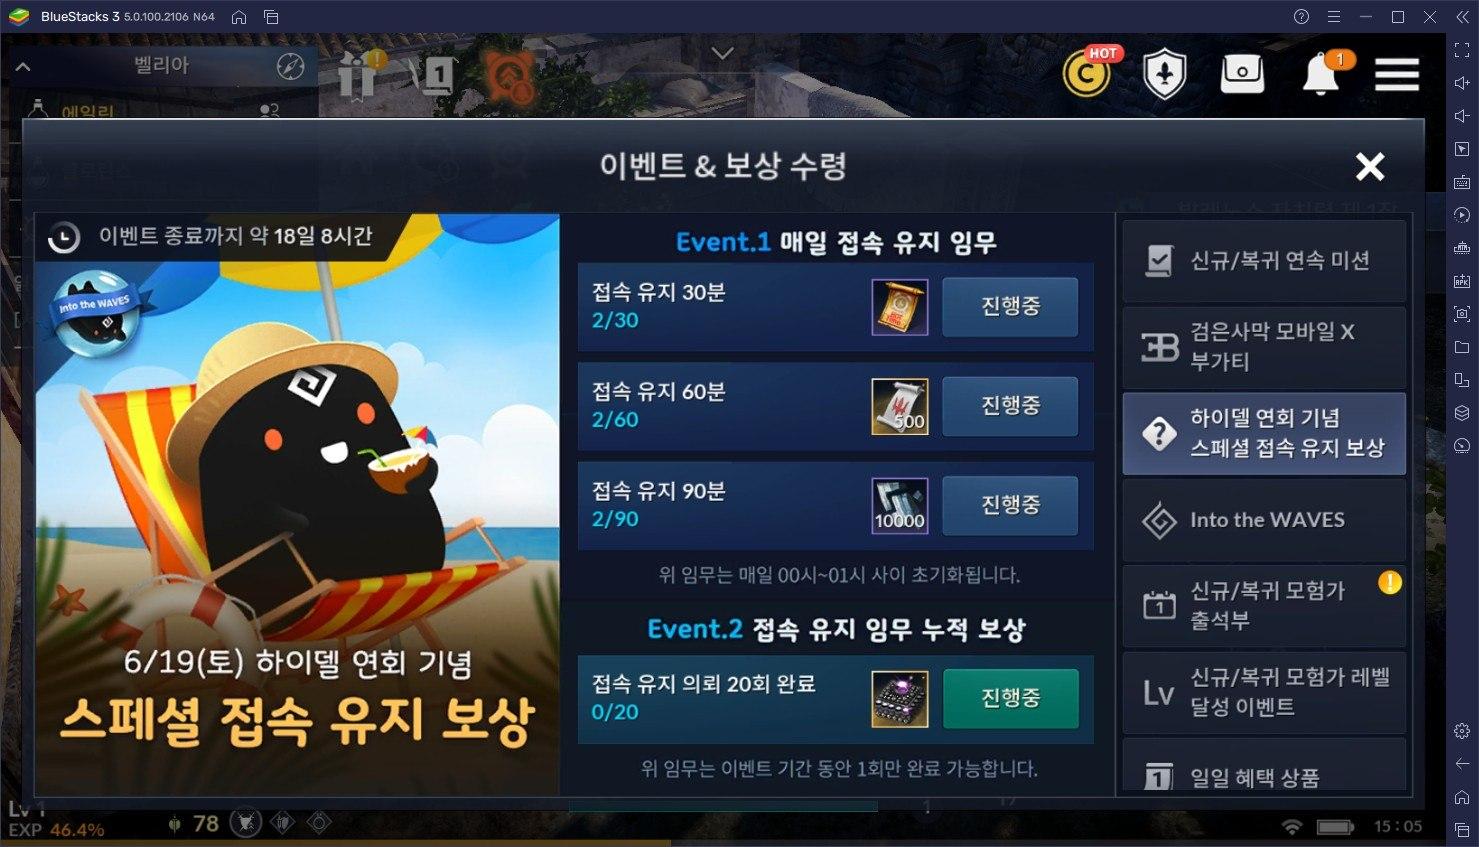 검은사막: 모바일 신규 클래스 업데이트, PC에서 블루스택 앱플레이어로 여름에 이보다 더 어울릴 수 없는 커세어를 성장시켜나가보세요!